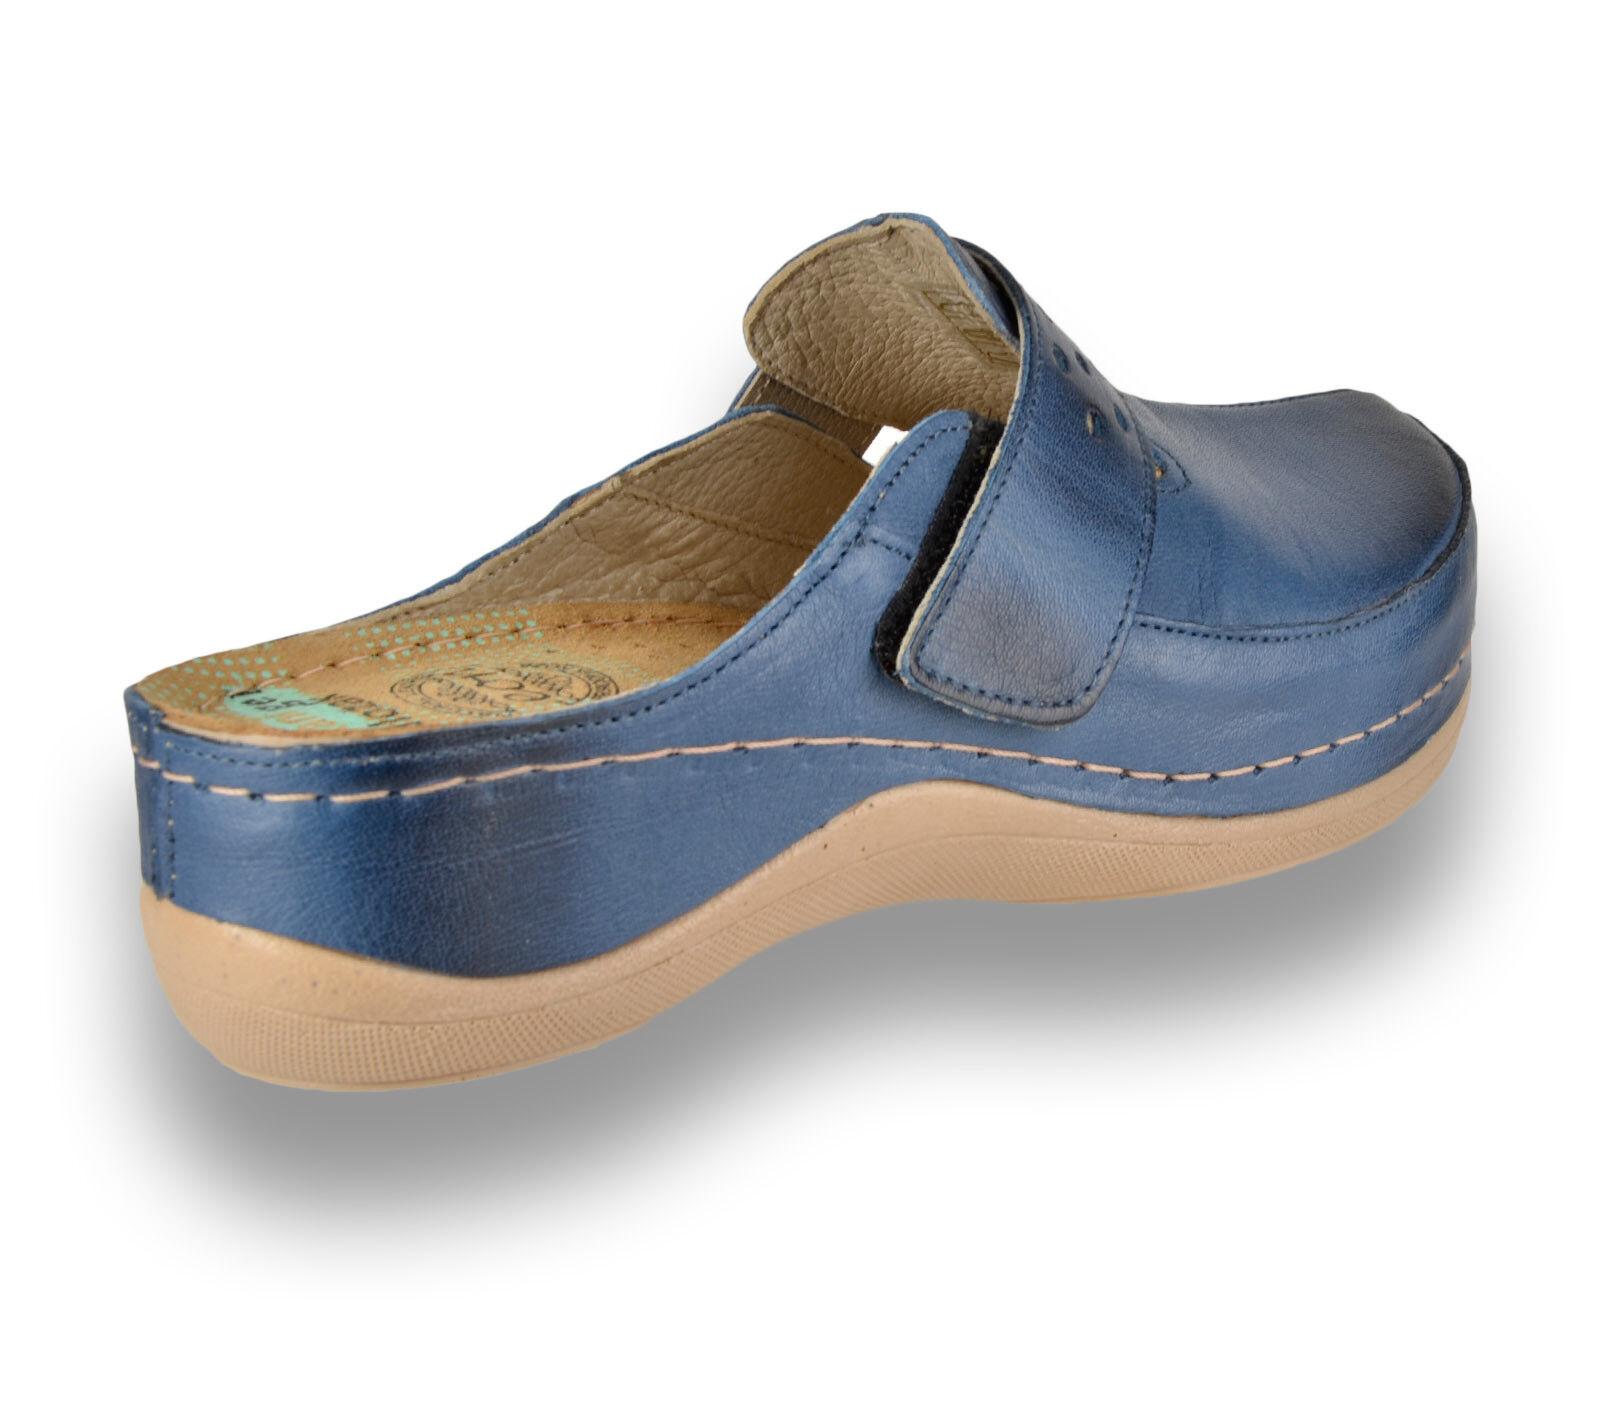 0796a32a Leon 902 Damas Mujeres Zuecos Cuero Slip On Mulas Zapatillas Sandalias,  Azul Nuevo Reino Unido 62c371 - higrotemper.es